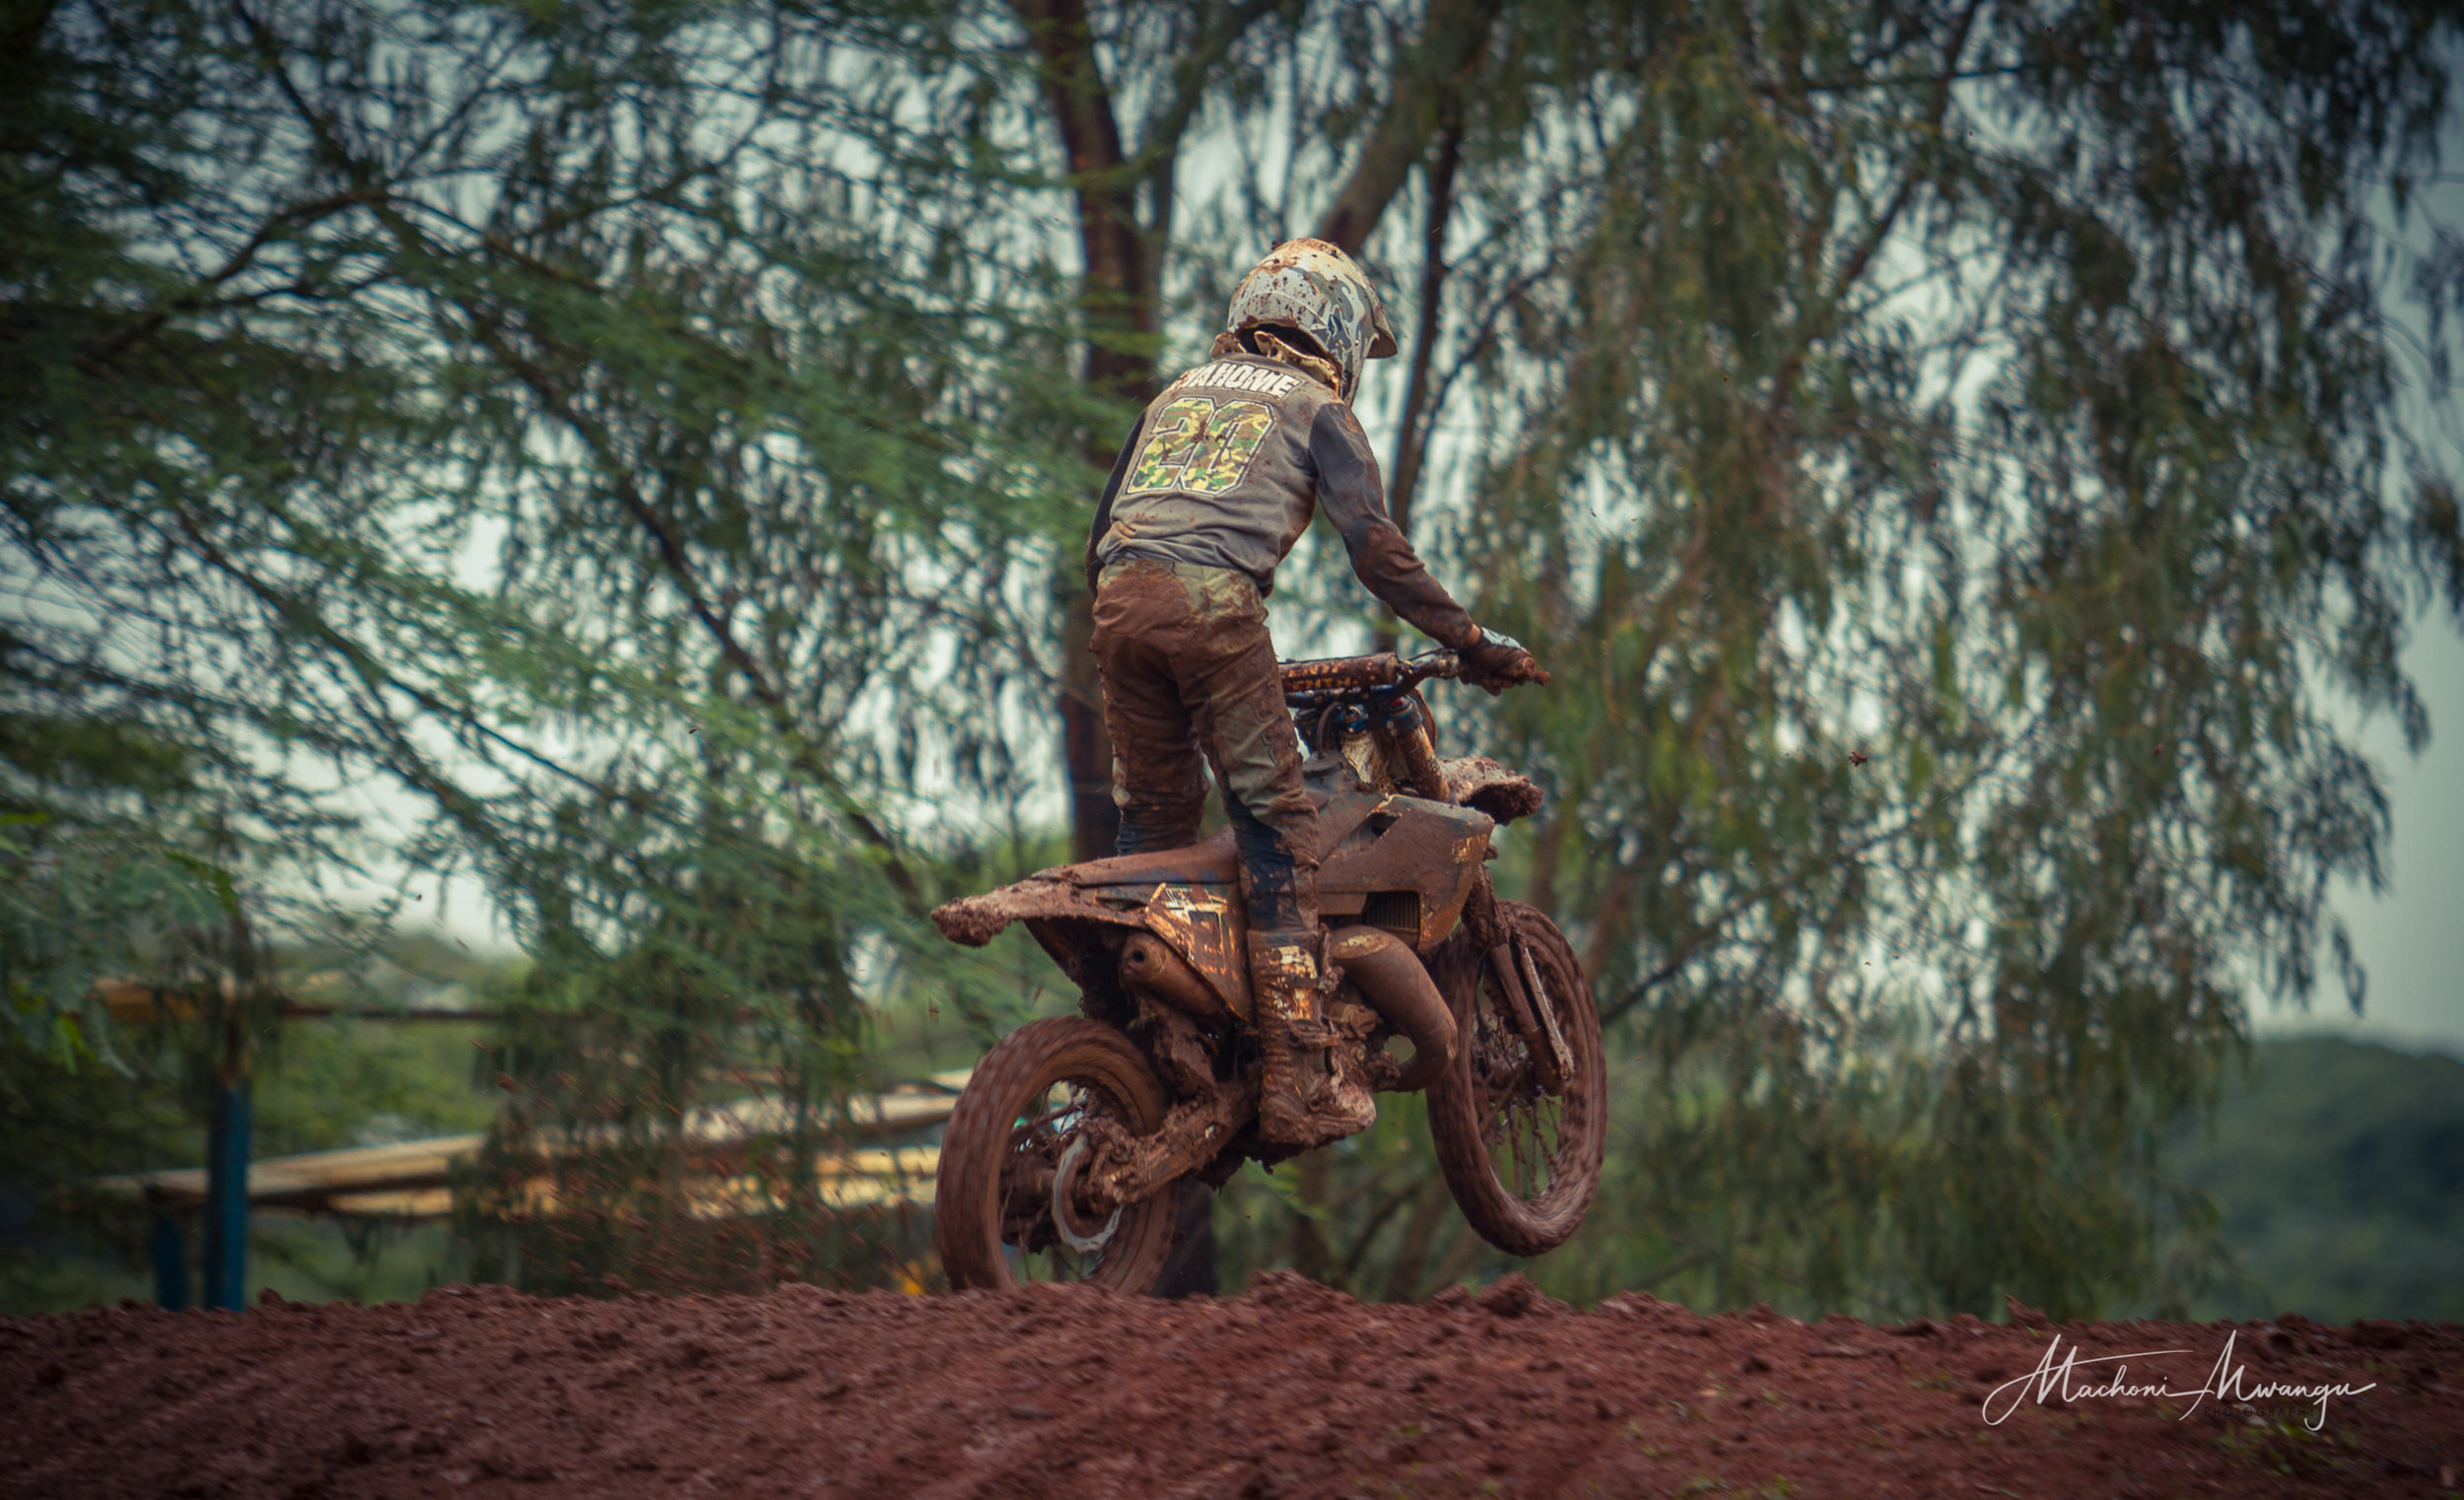 Motocross 20-1-3.jpg